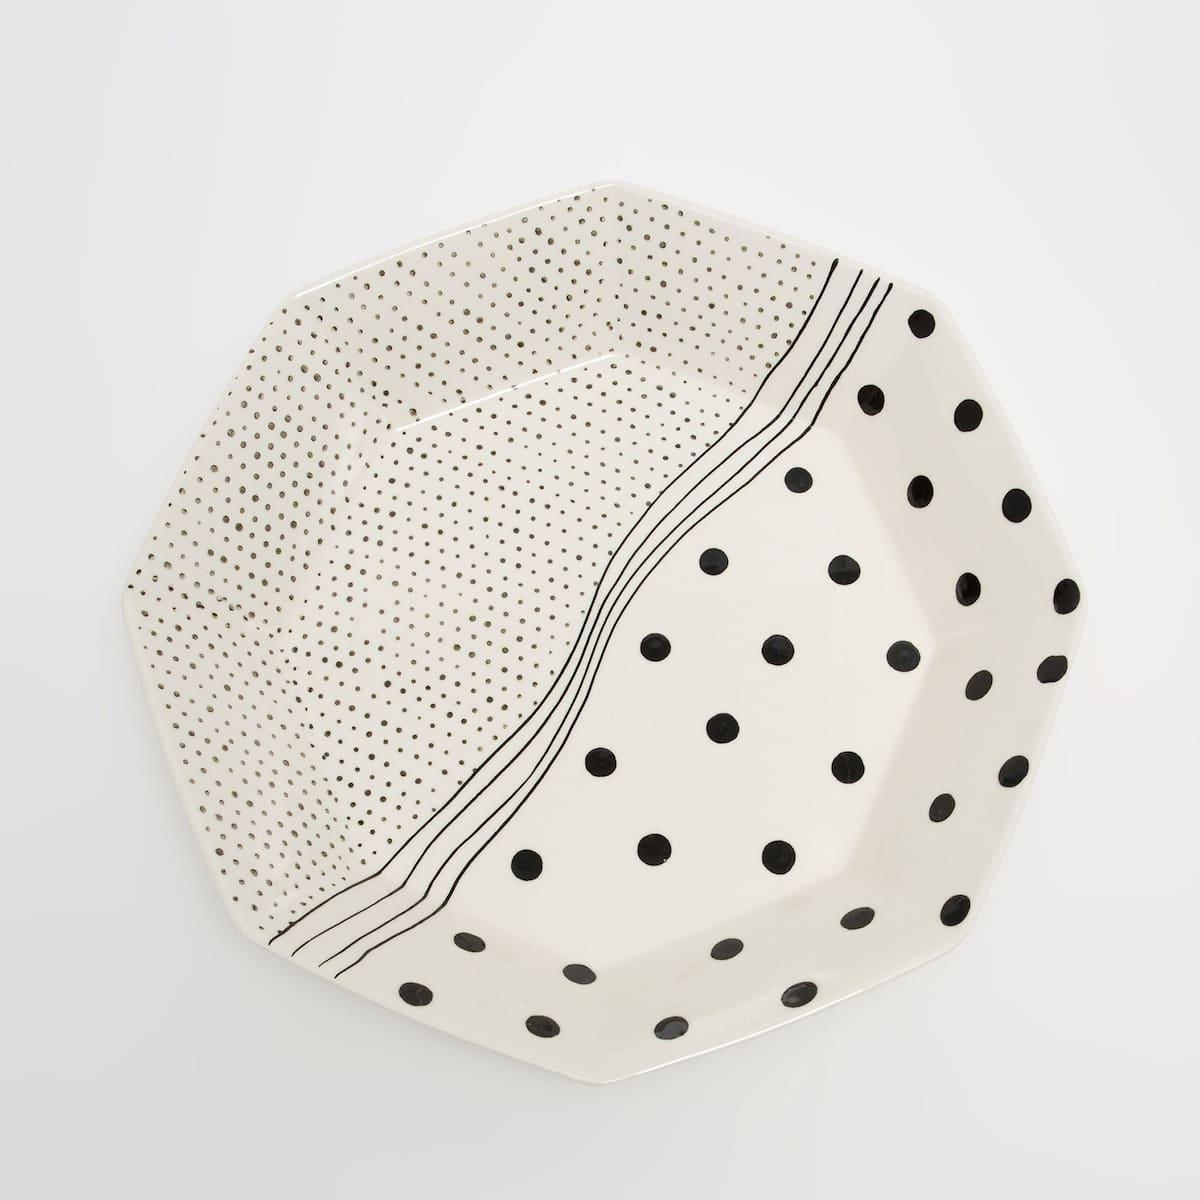 Afbeelding 2 van het product Handgemaakte aardewerken fruitschaal met print